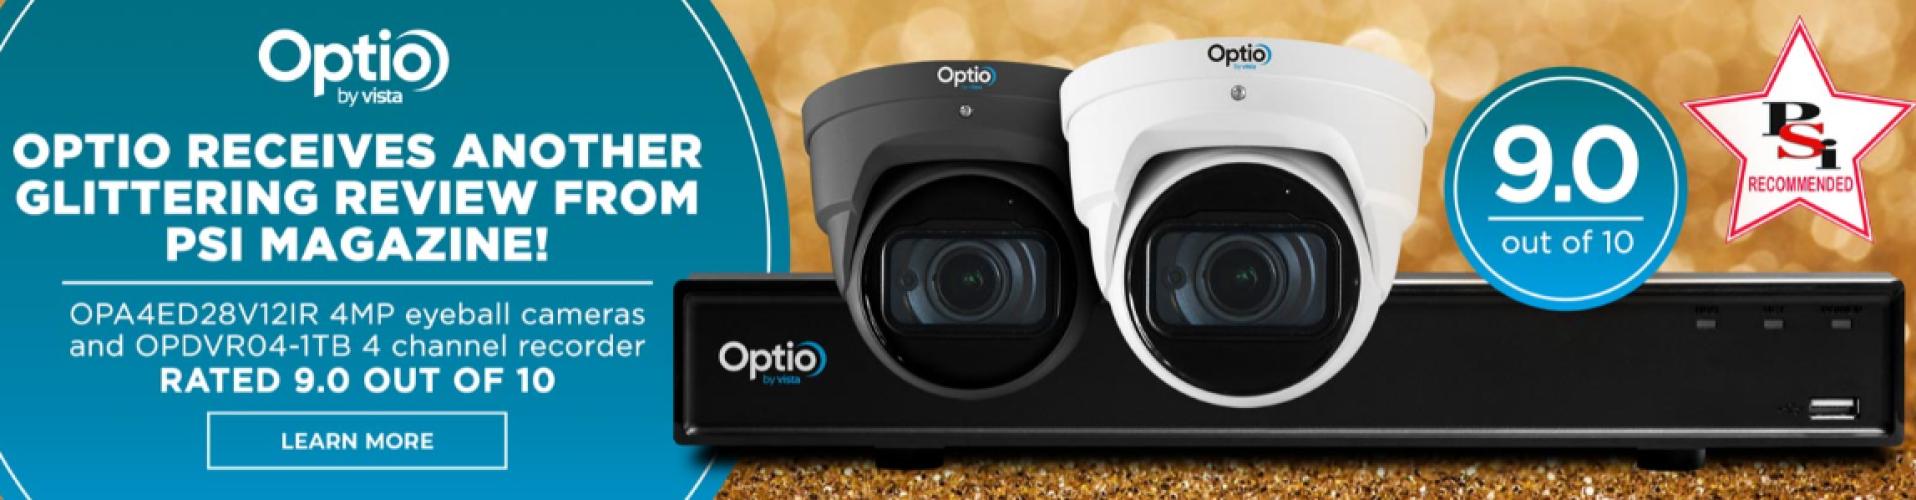 Vista Optio camerabeveiliging voor iedereen